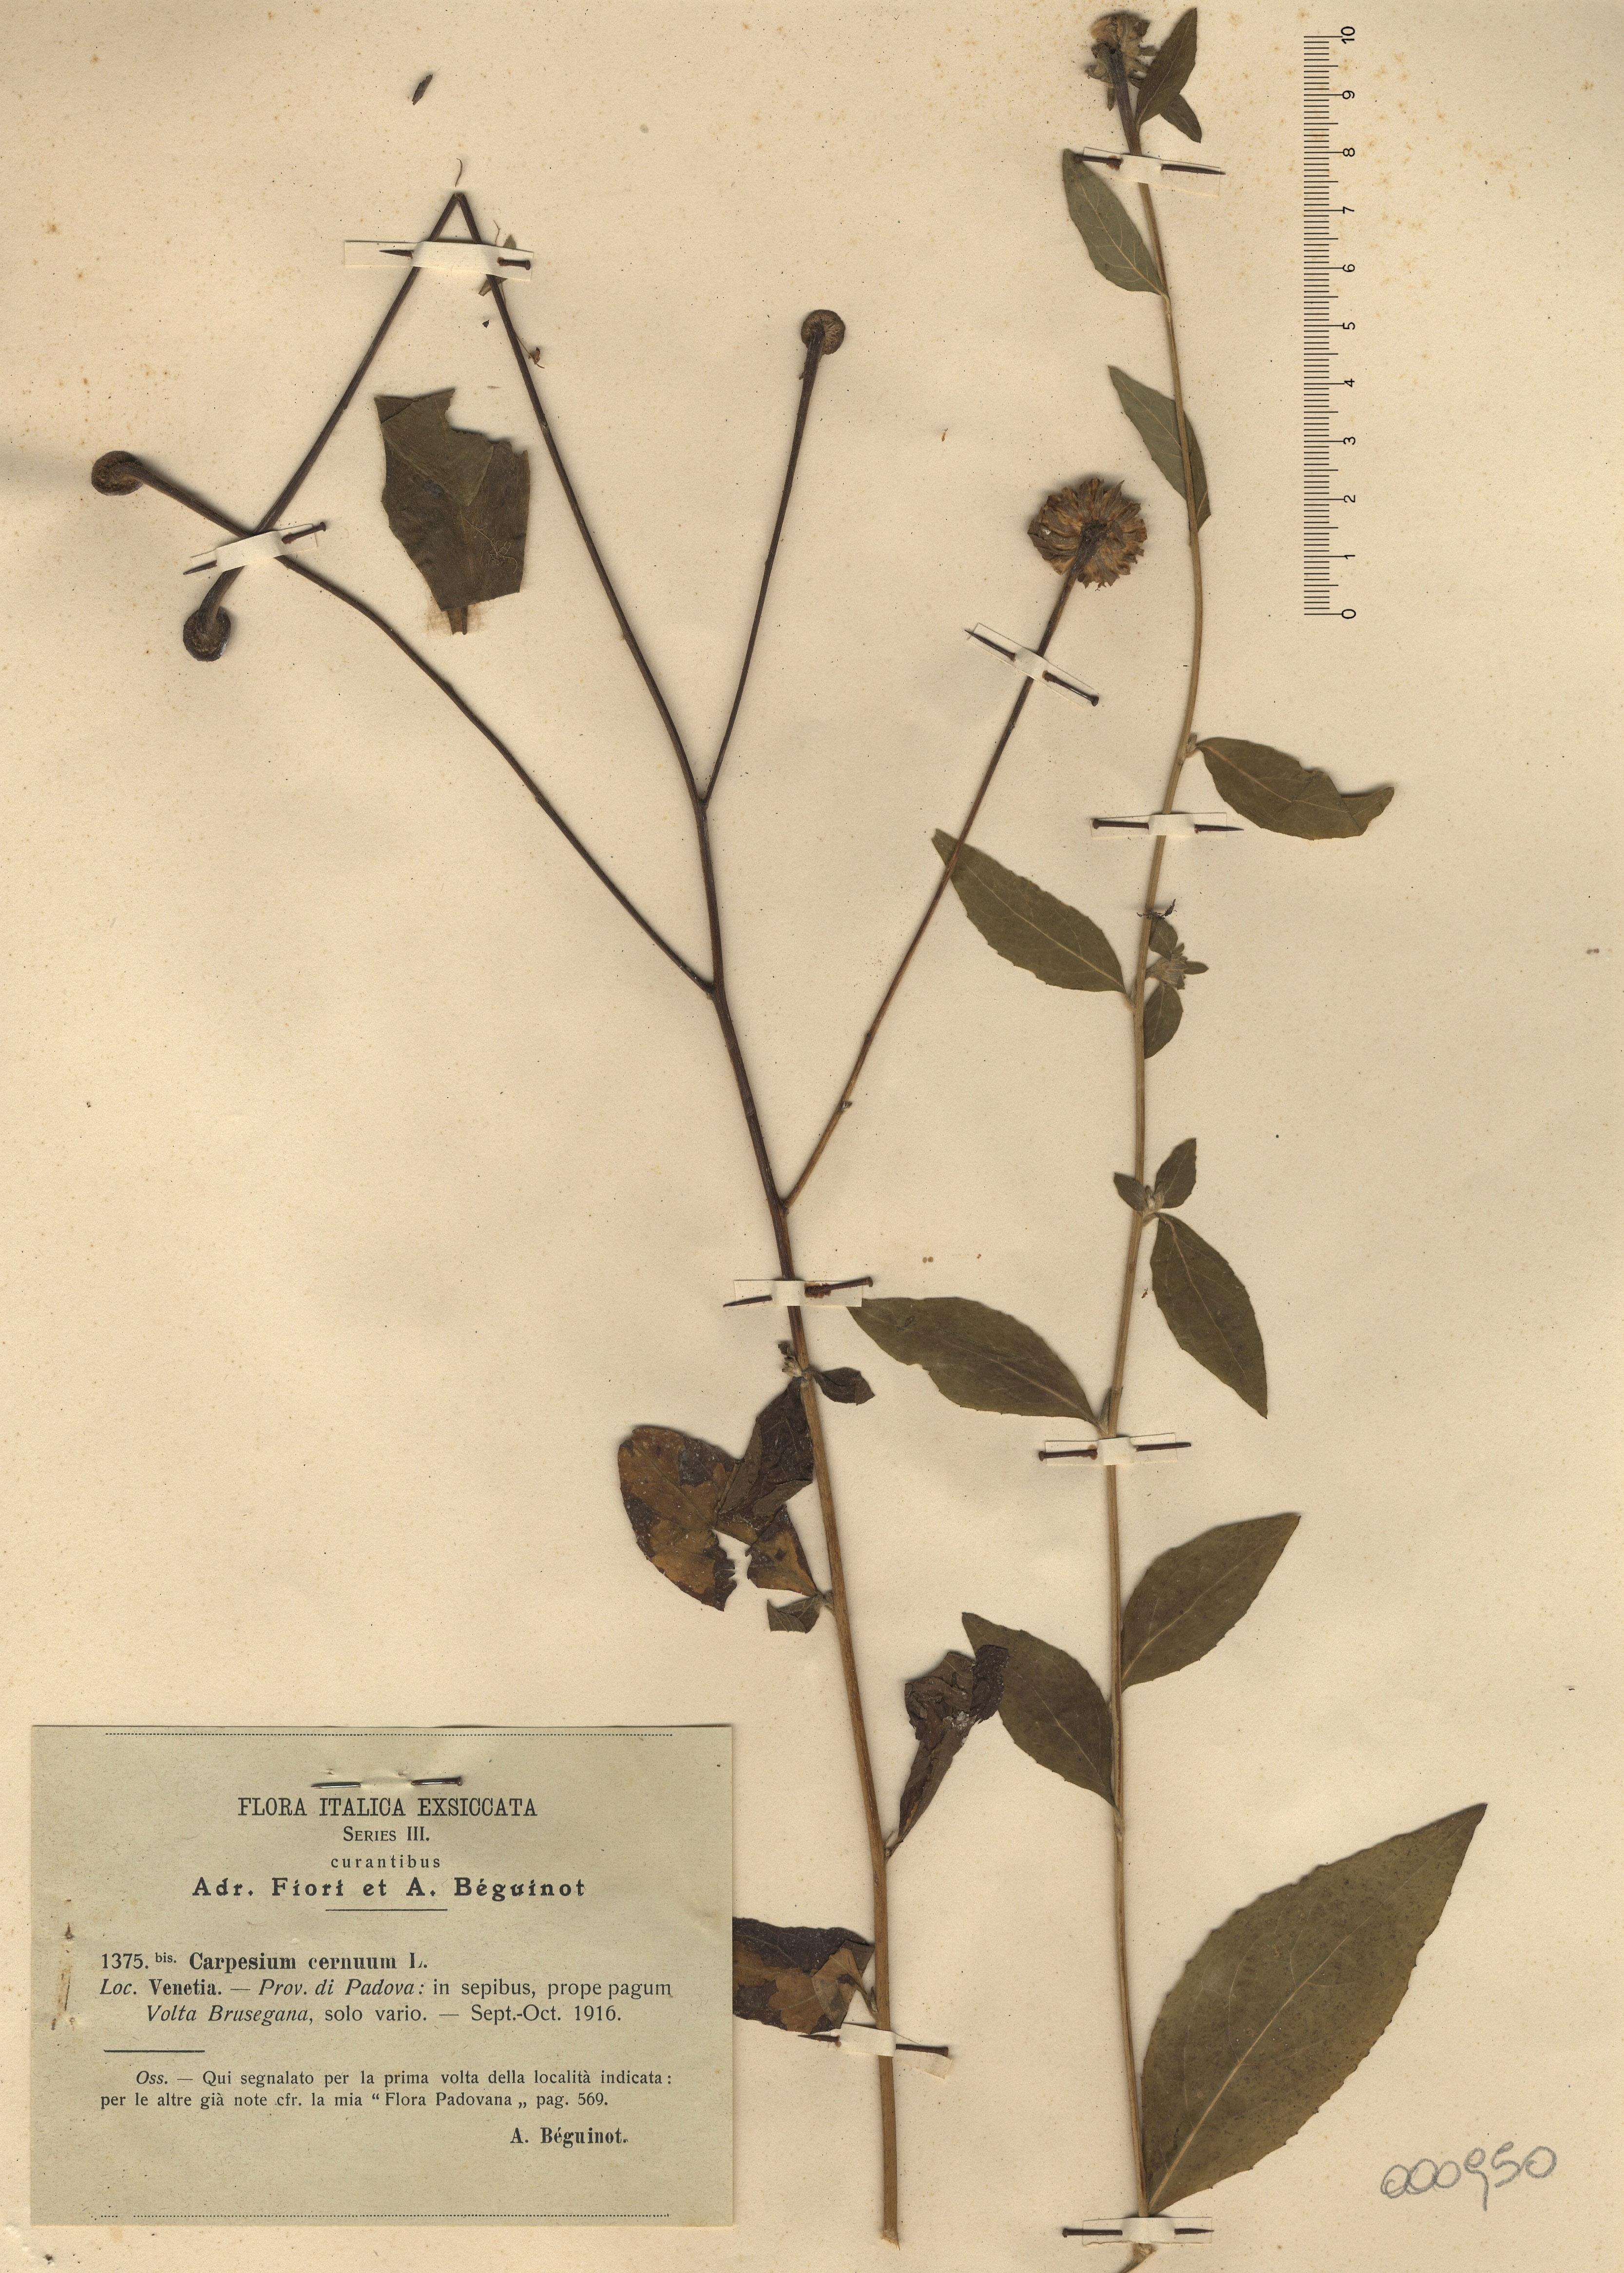 © Hortus Botanicus Catinensis - Herb. sheet 000950<br>